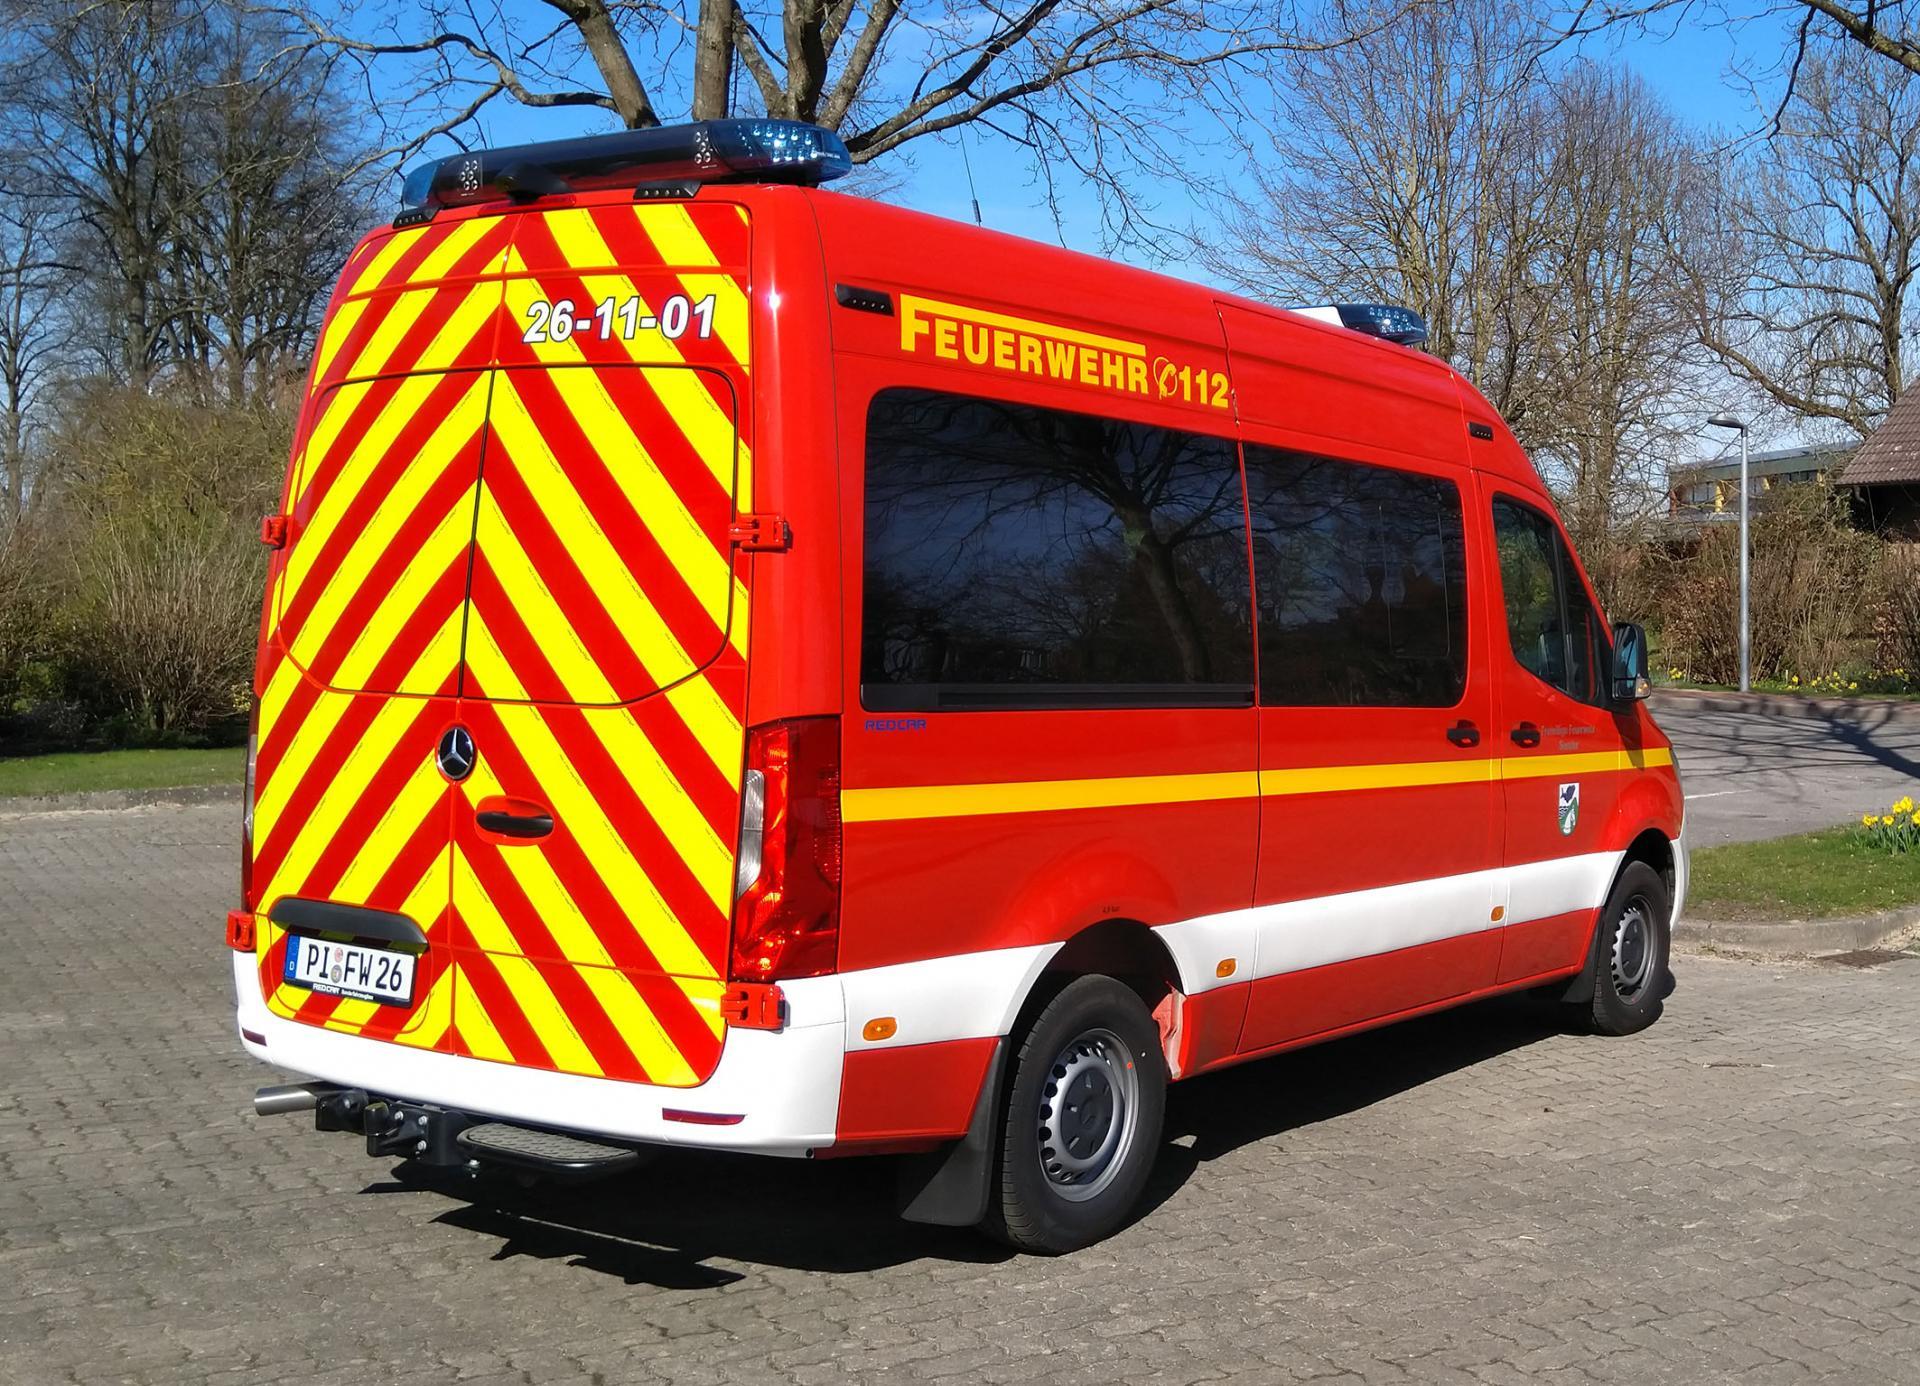 Einstzleitwagen/Mehrzweckfahrzeug, MB Sprinter, 2021